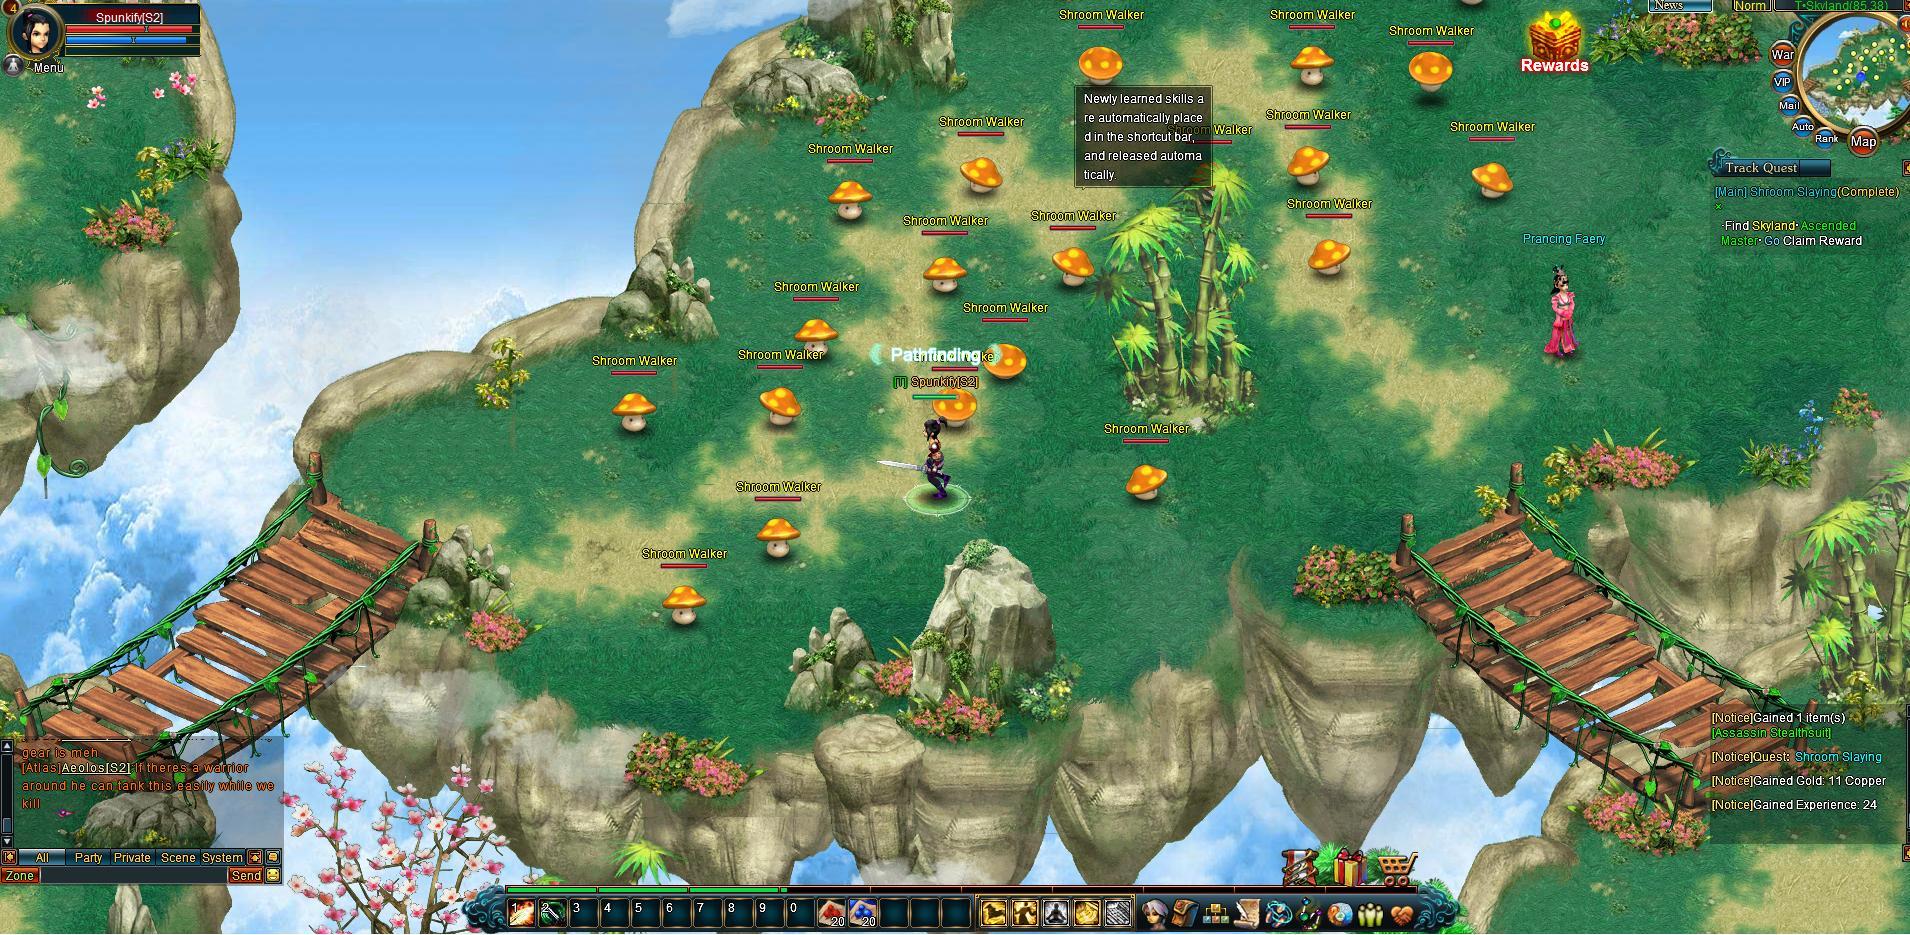 Mythic-Saga-ScreenShots-4